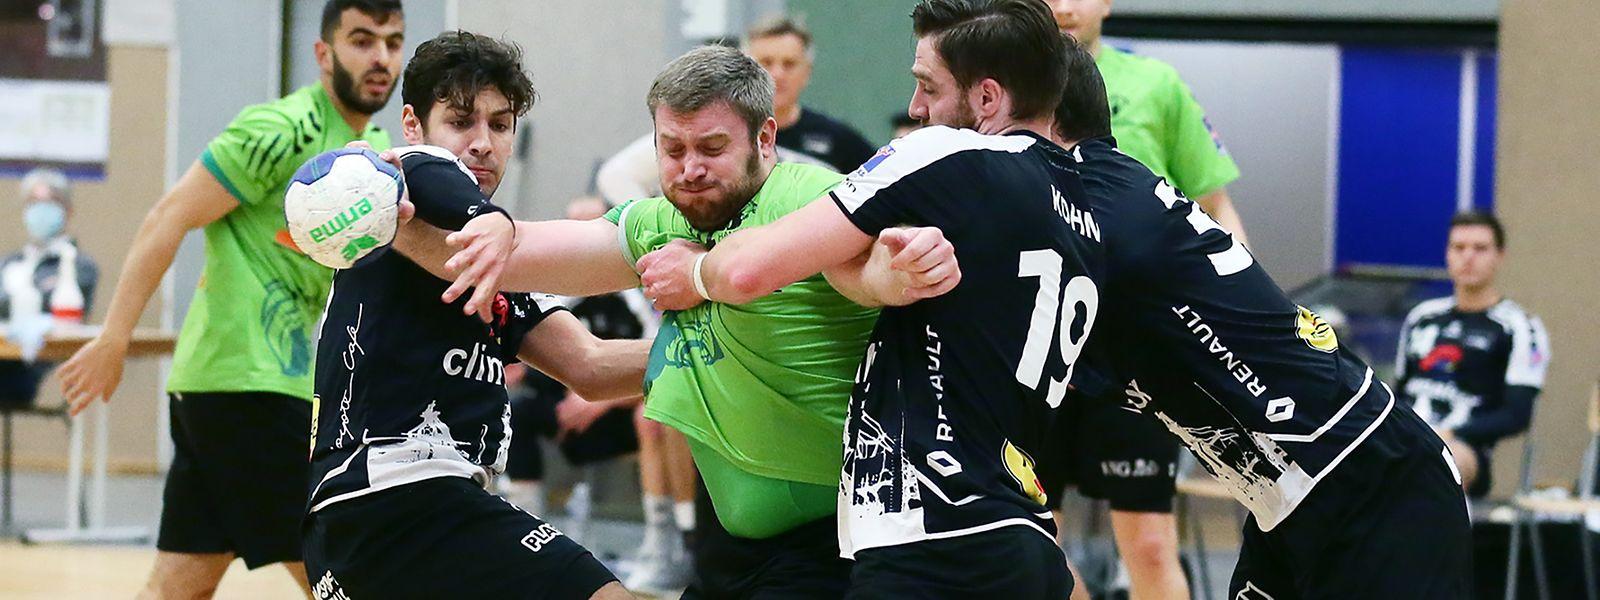 Eric Schroeder (l.) setzt sich gegen Eschs Julien Kohn (r.) durch. Schon bald wird der Ex-Nationalspieler solch intensive Duelle als Schiedsrichter beobachten.